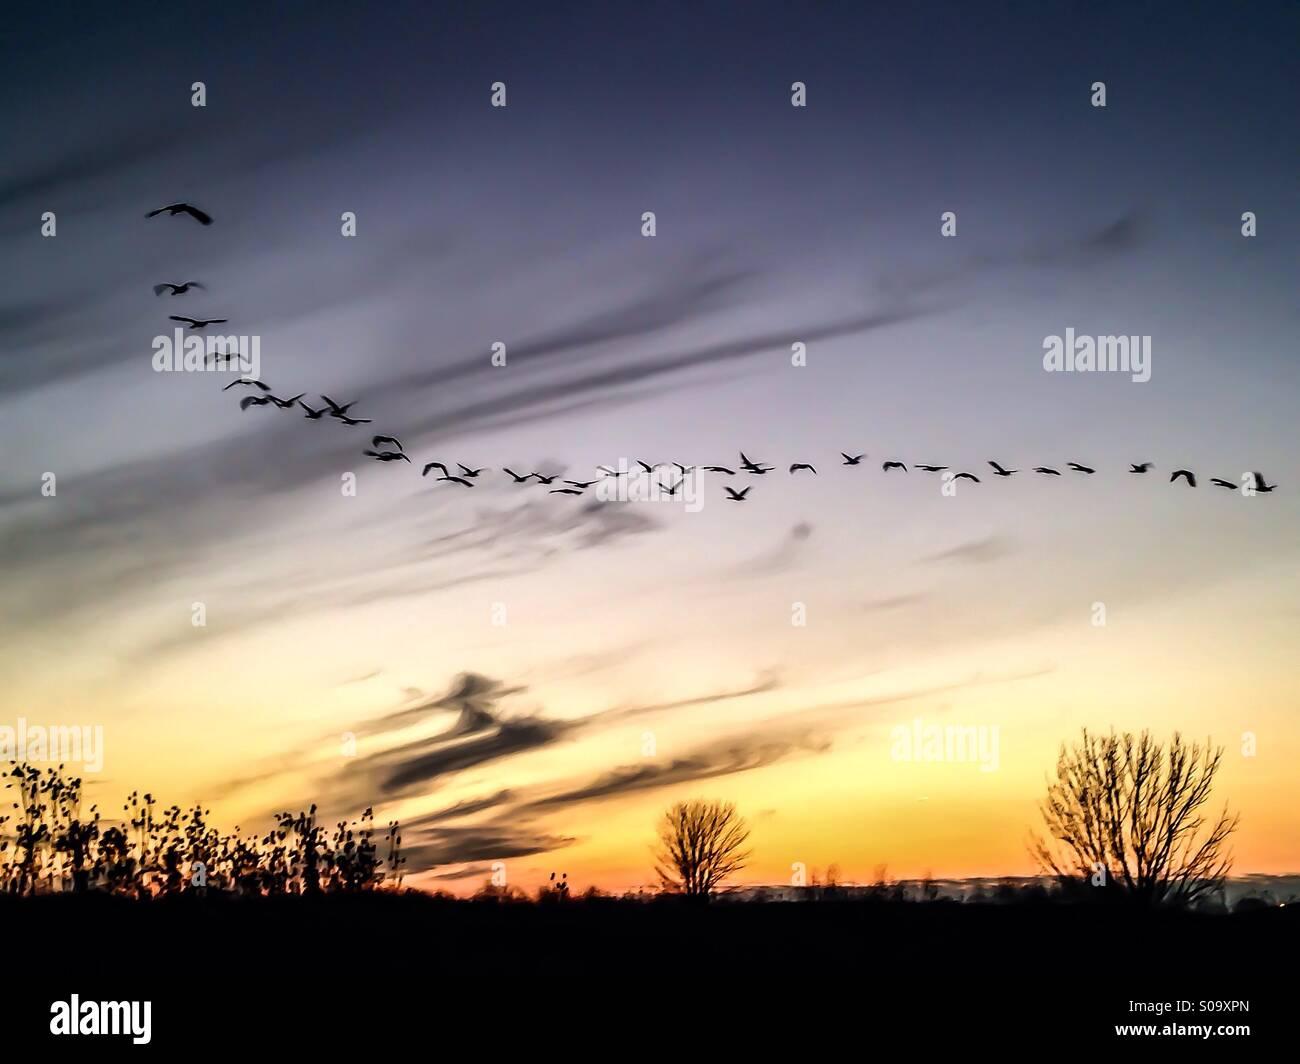 Vögel fliegen in den Sonnenuntergang. Stockbild